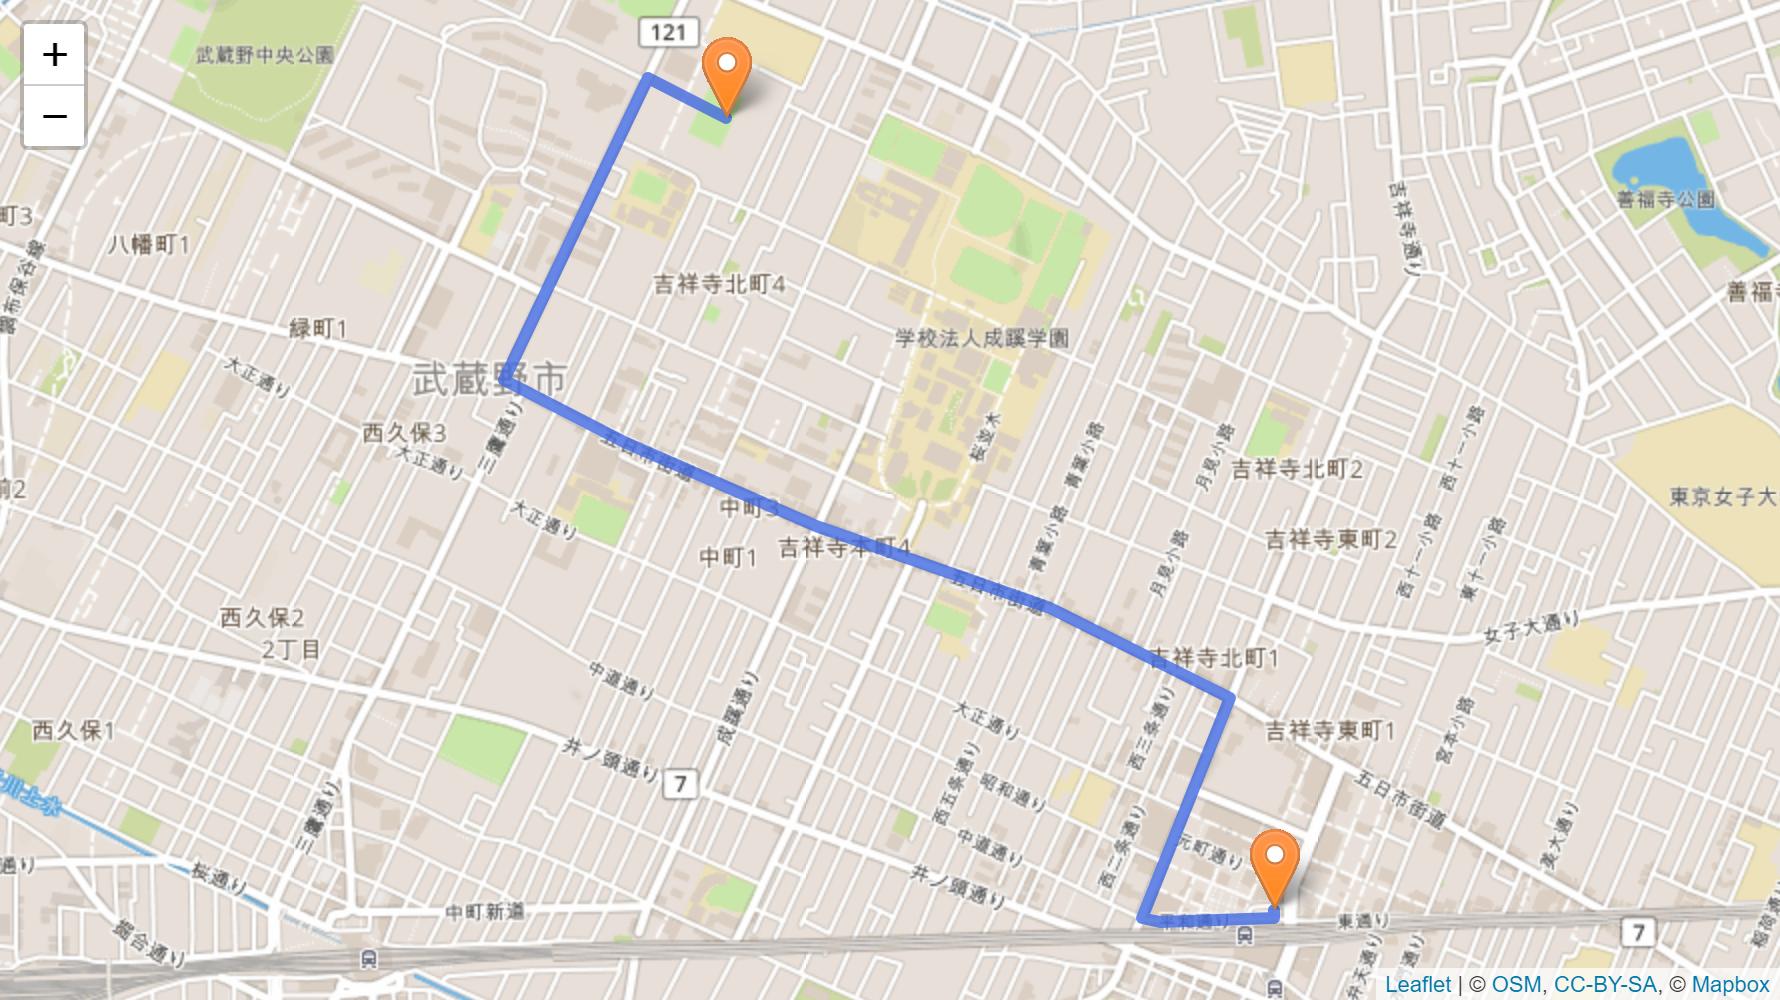 武蔵野市 聖火リレーの情報